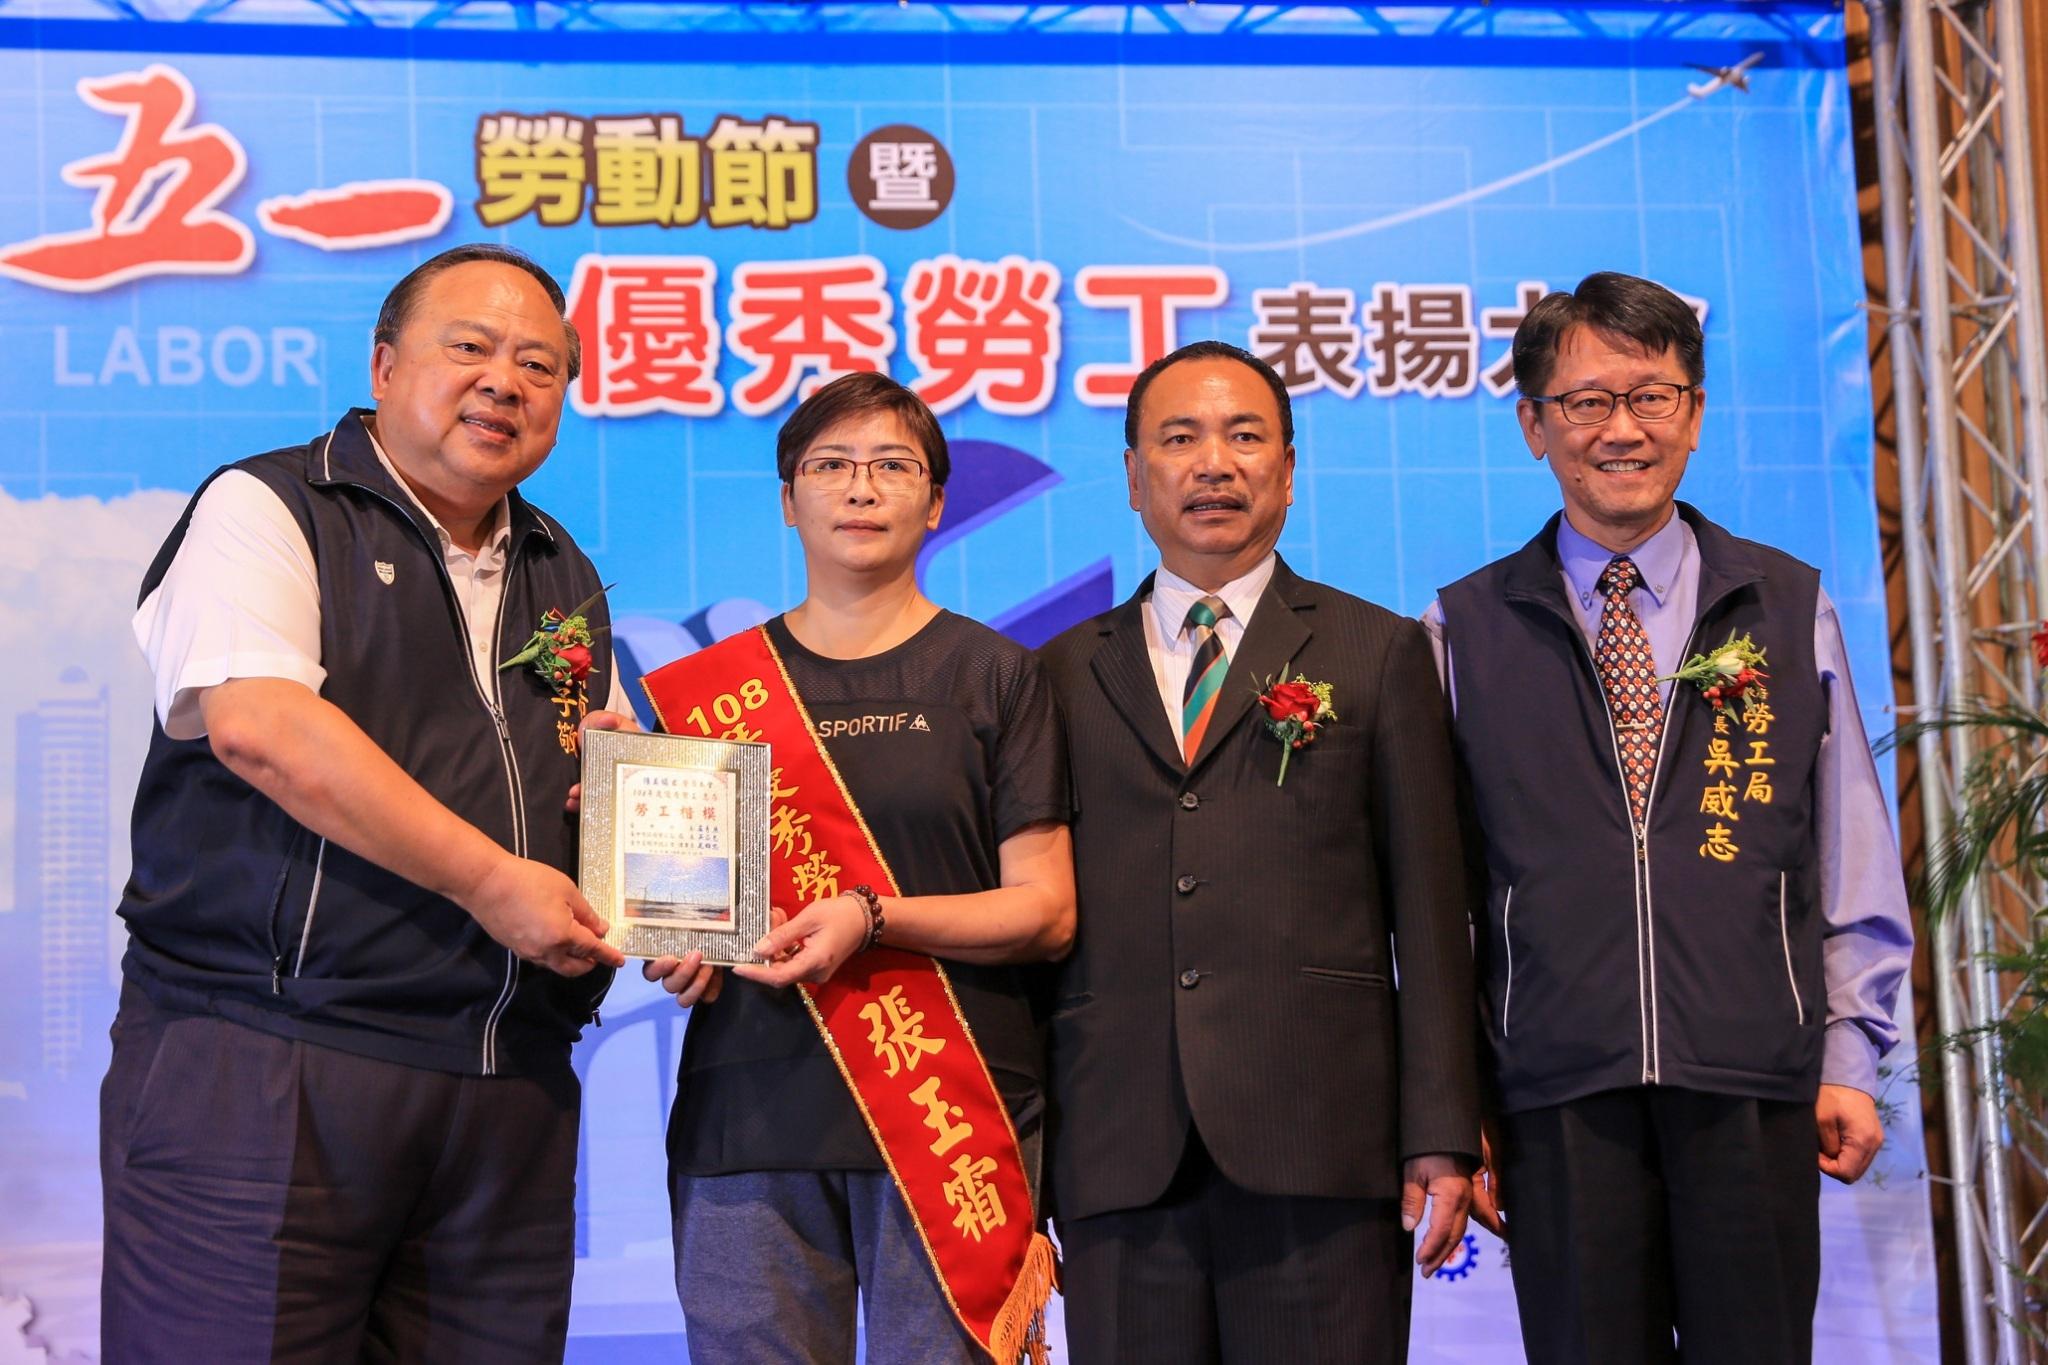 中市表揚優秀勞工 陳副市長感謝堅守崗位努力付出